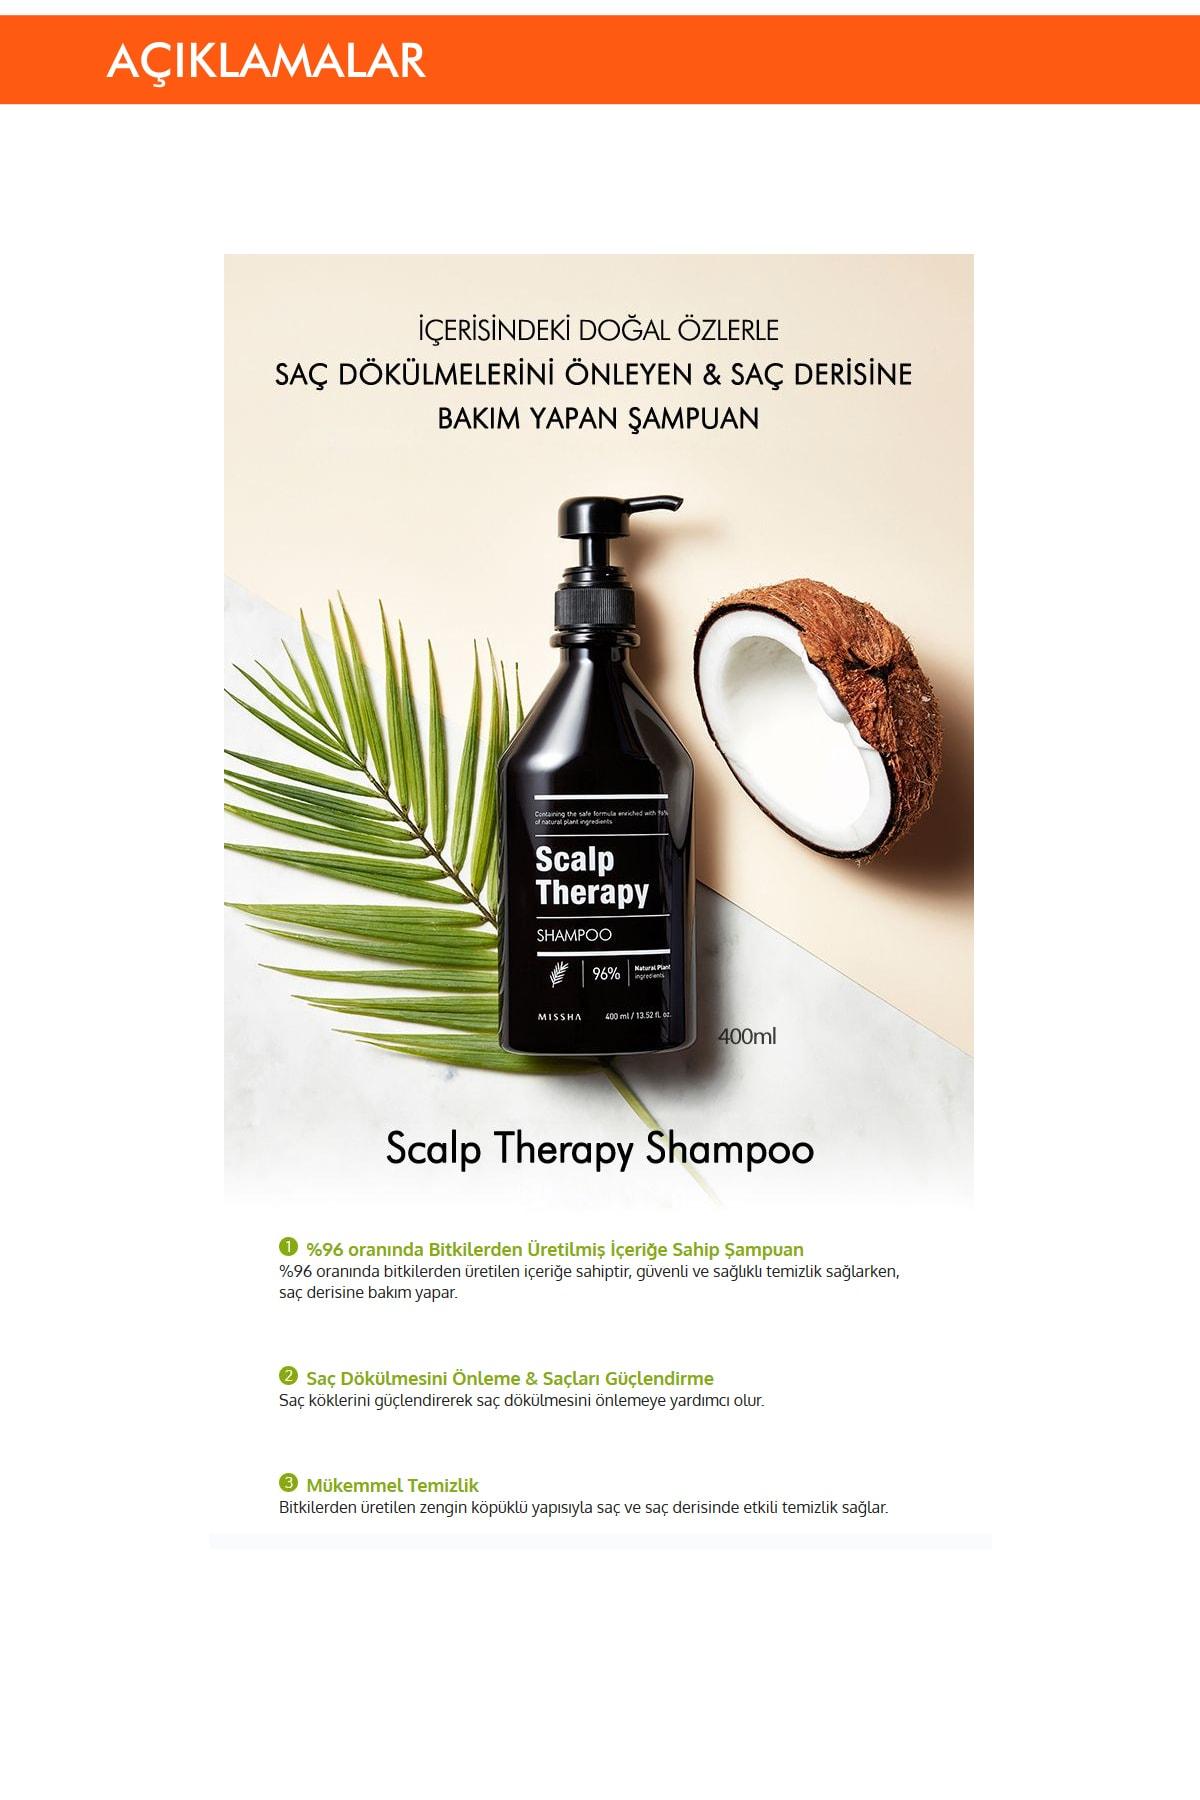 Missha Dökülme Karşıtı Saç Derisi Bakımı Yapan Bitkisel Şampuan (400ml) Scalp Therapy Shampoo 1